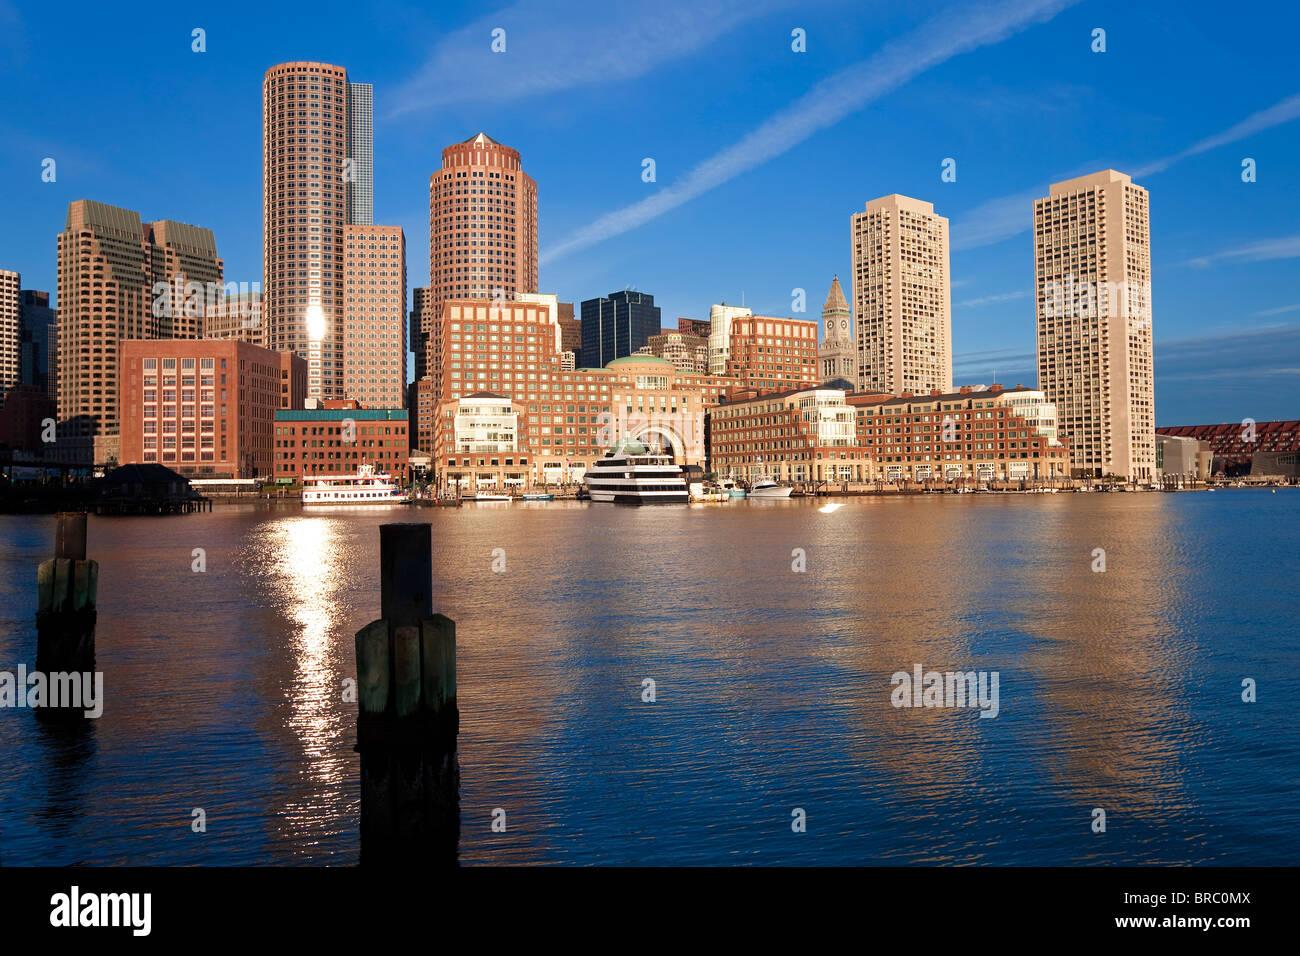 Skyline und inneren Hafen einschließlich Rowes Wharf im Morgengrauen, Boston, Massachusetts, Neuengland, USA Stockbild